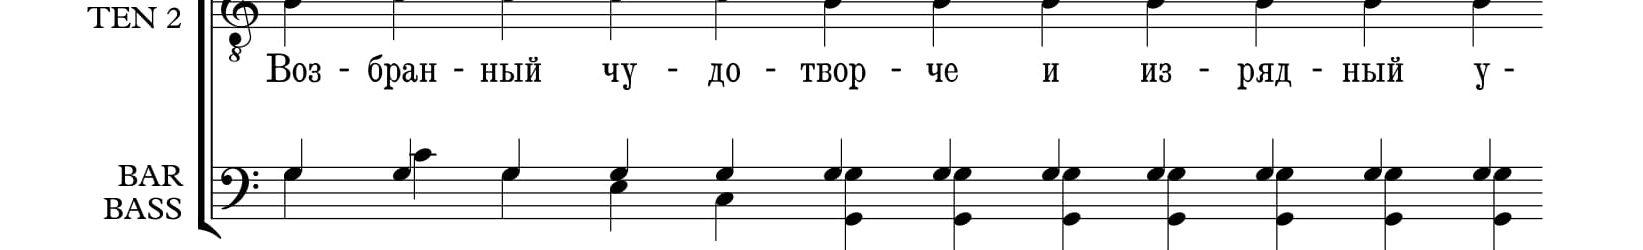 Кондак акафиста святителю Николаю